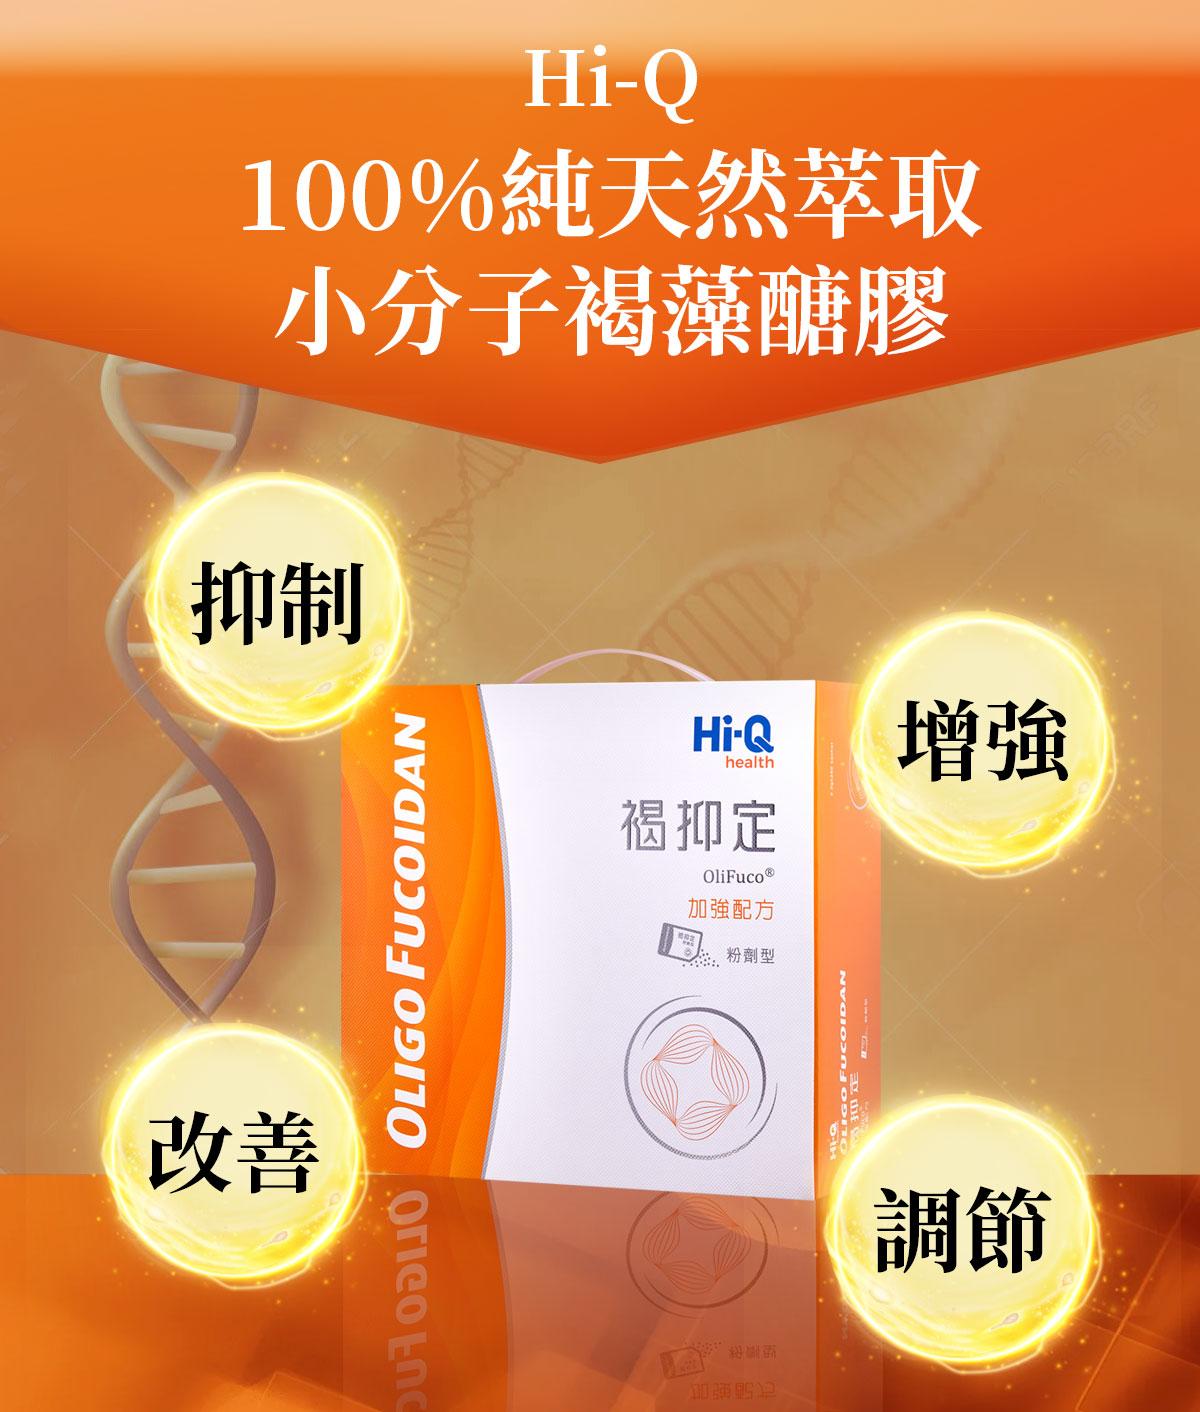 褐抑定褐藻醣膠-100%純天然成分萃取-健康優先訂購0800-800-924